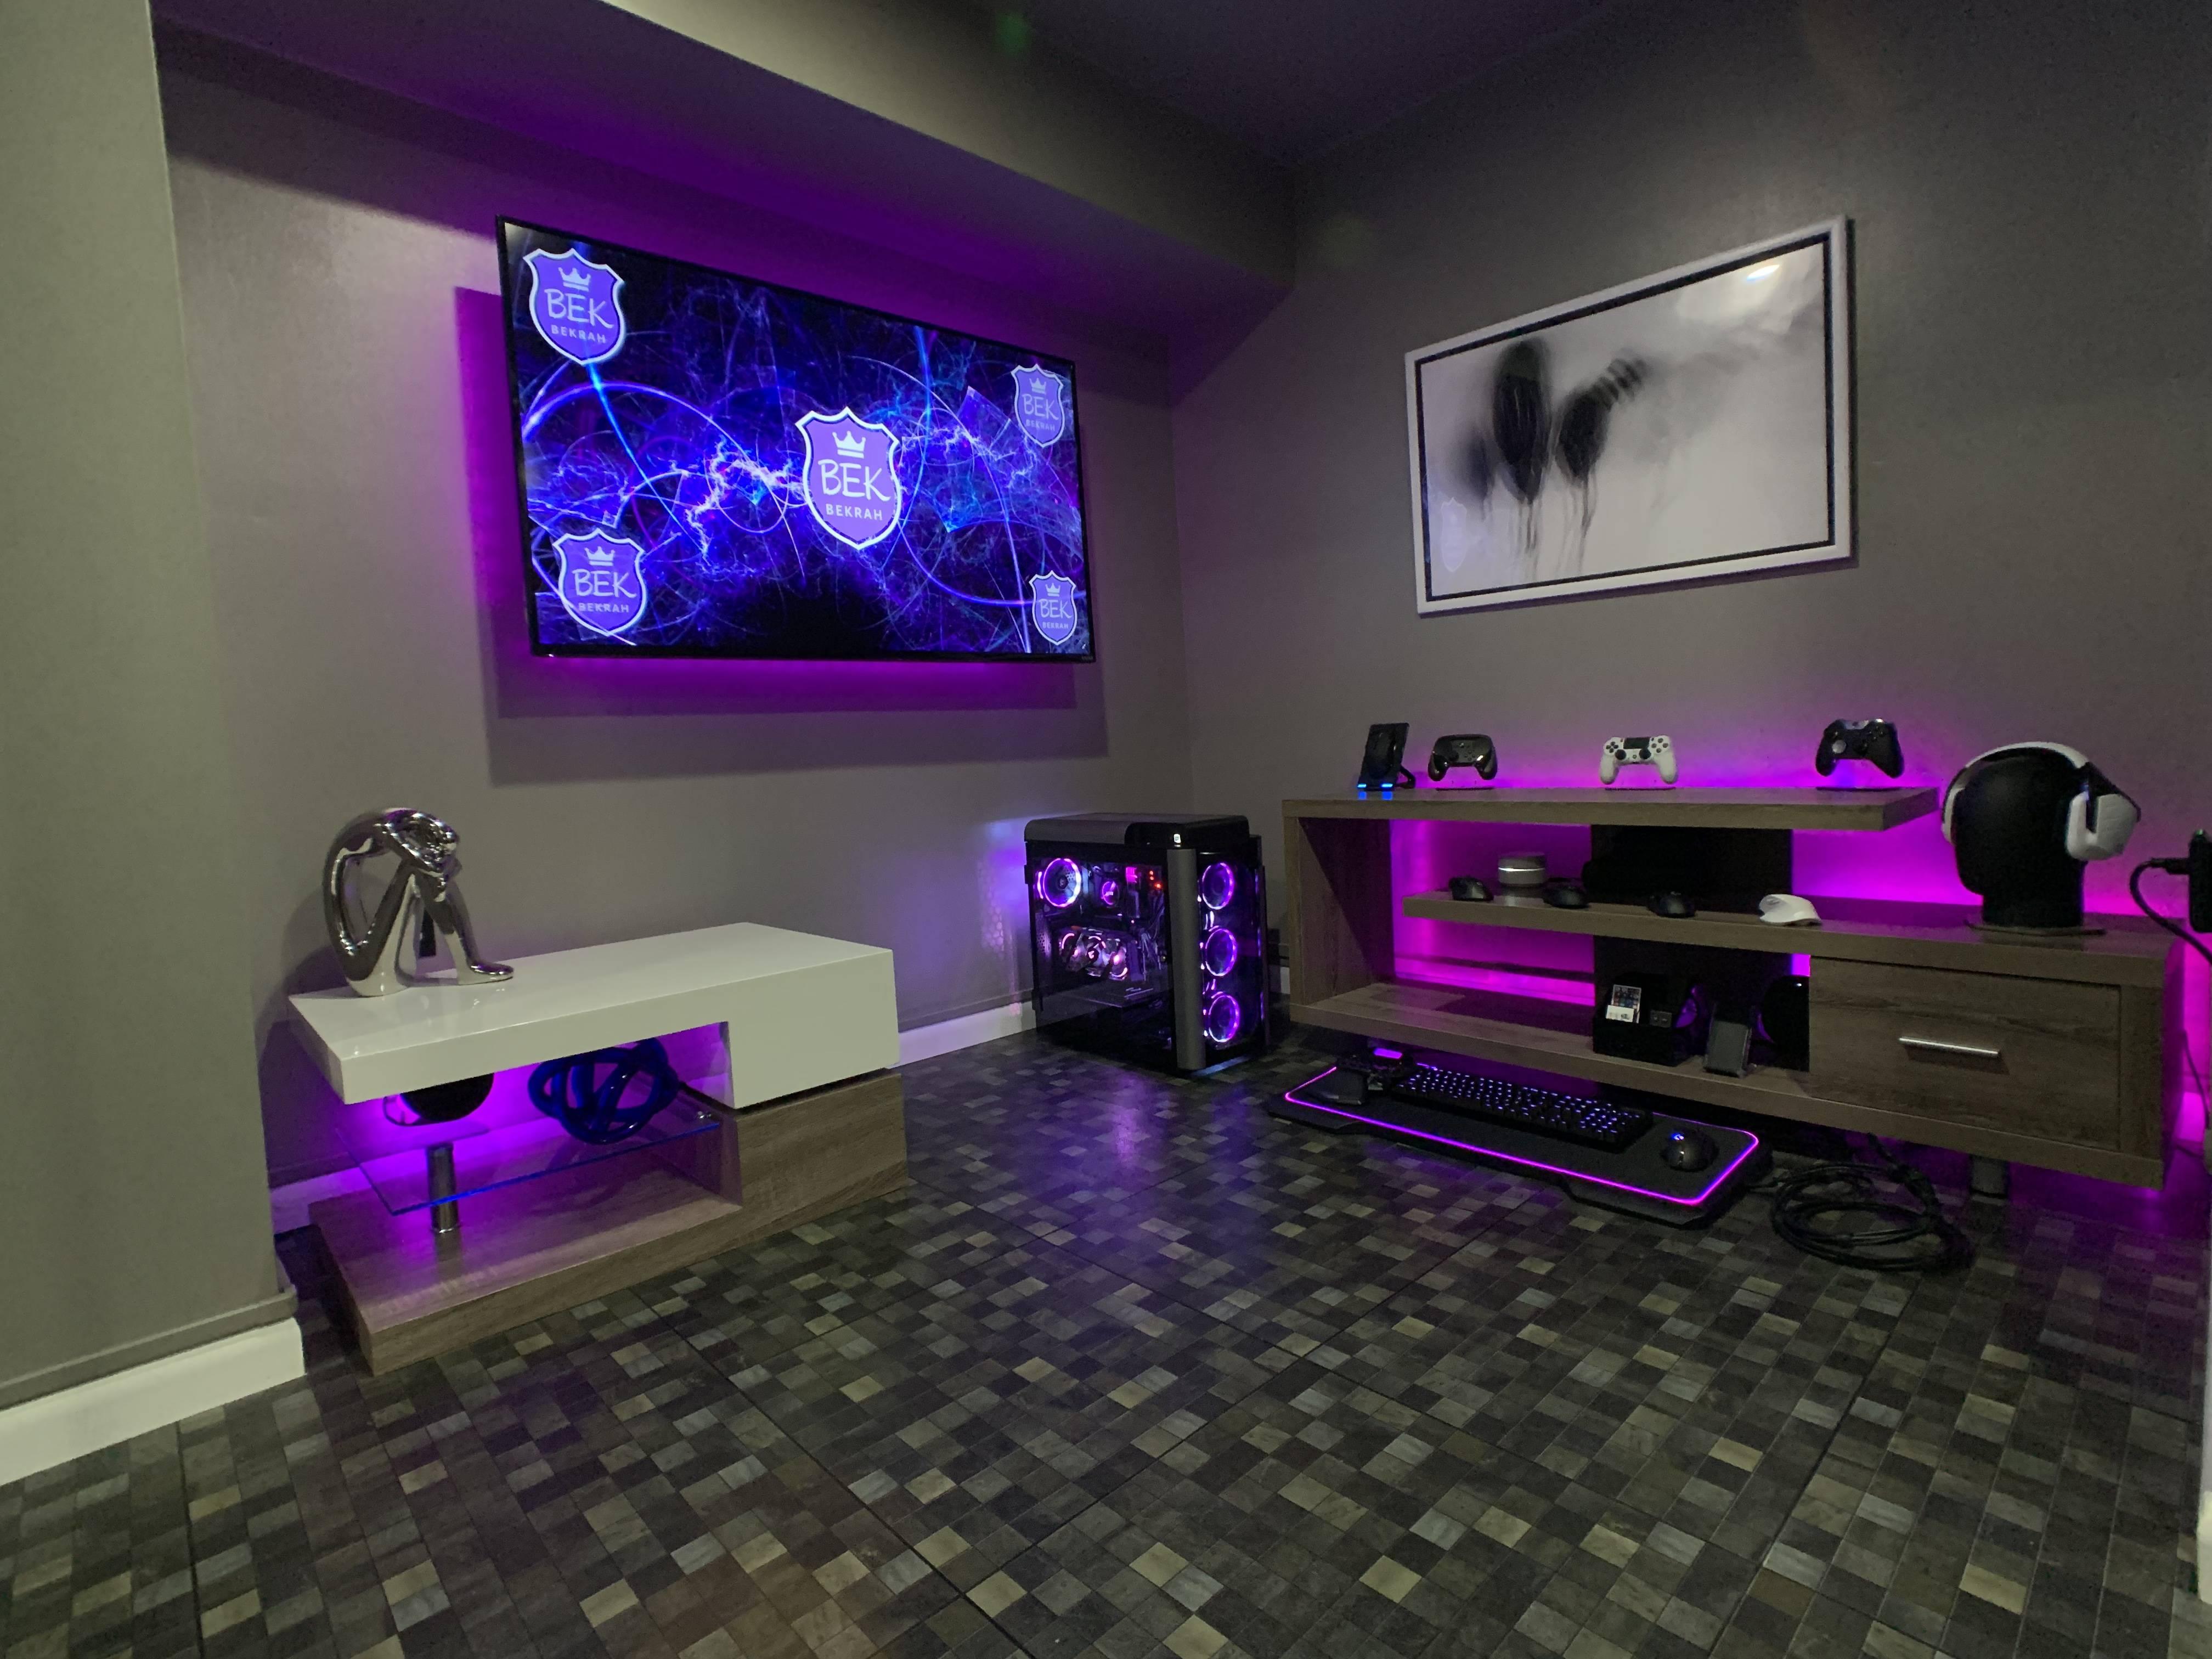 Bekrah's Setup - My Game Room | Scooget